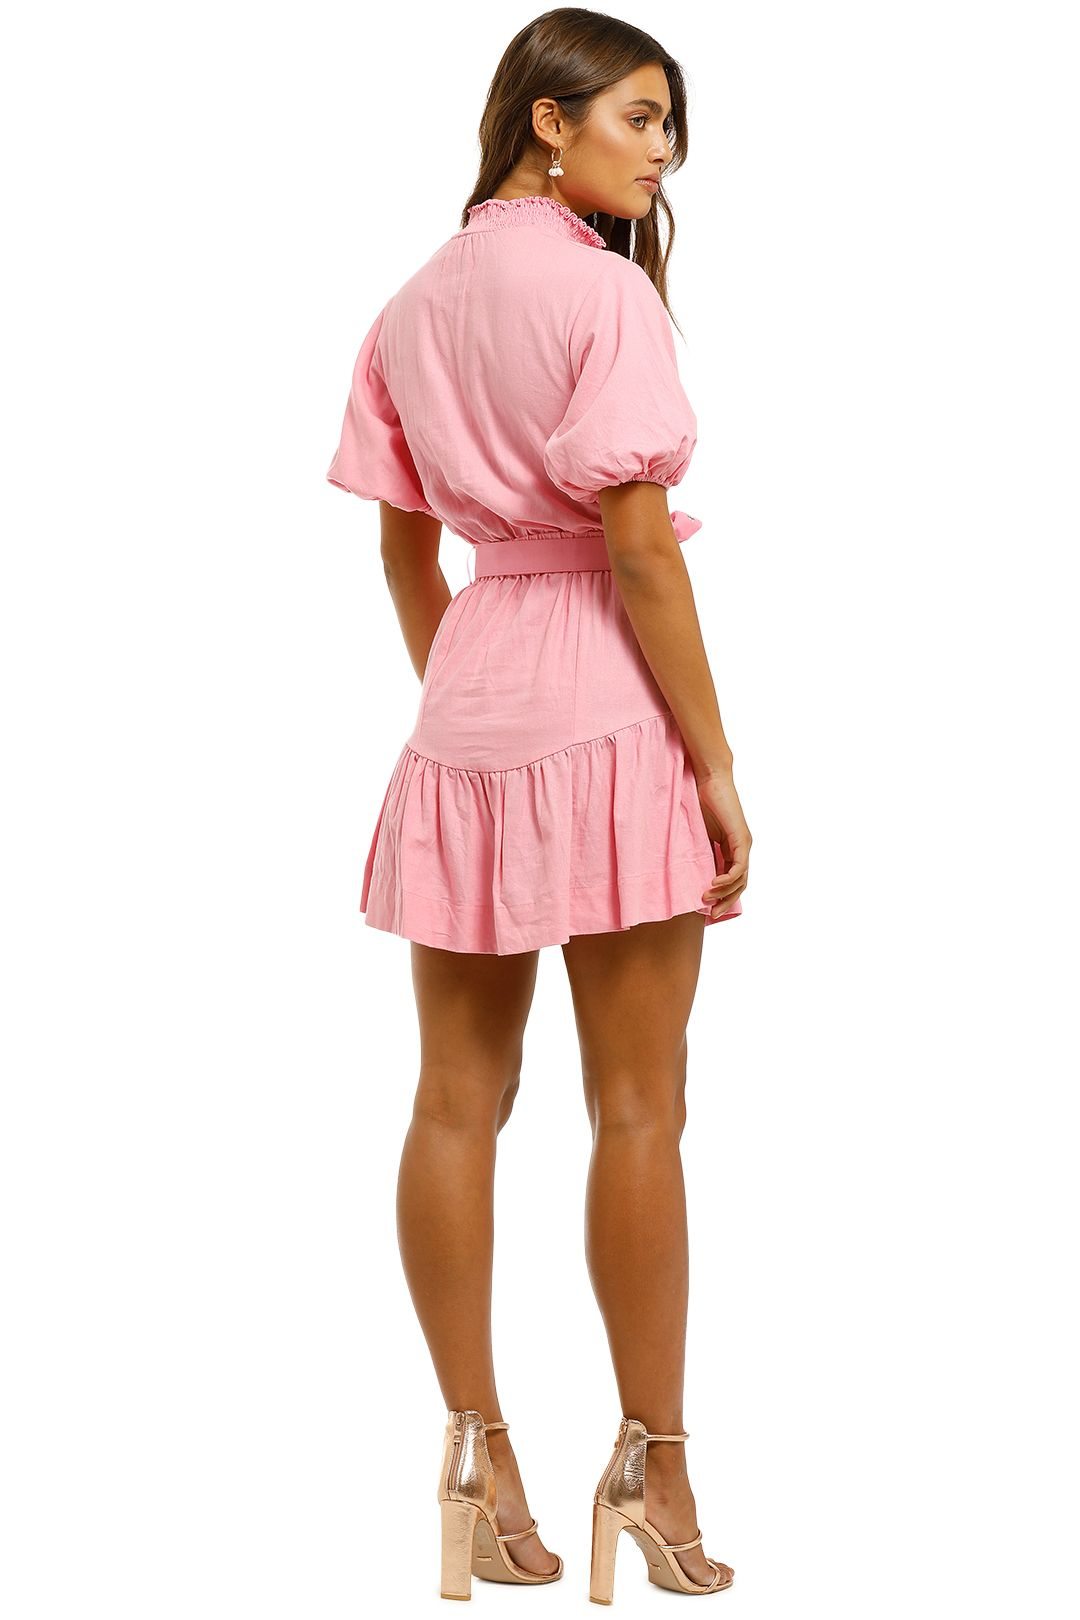 SWF-Haze-Mini-Shirt-Dress-Haze-Back